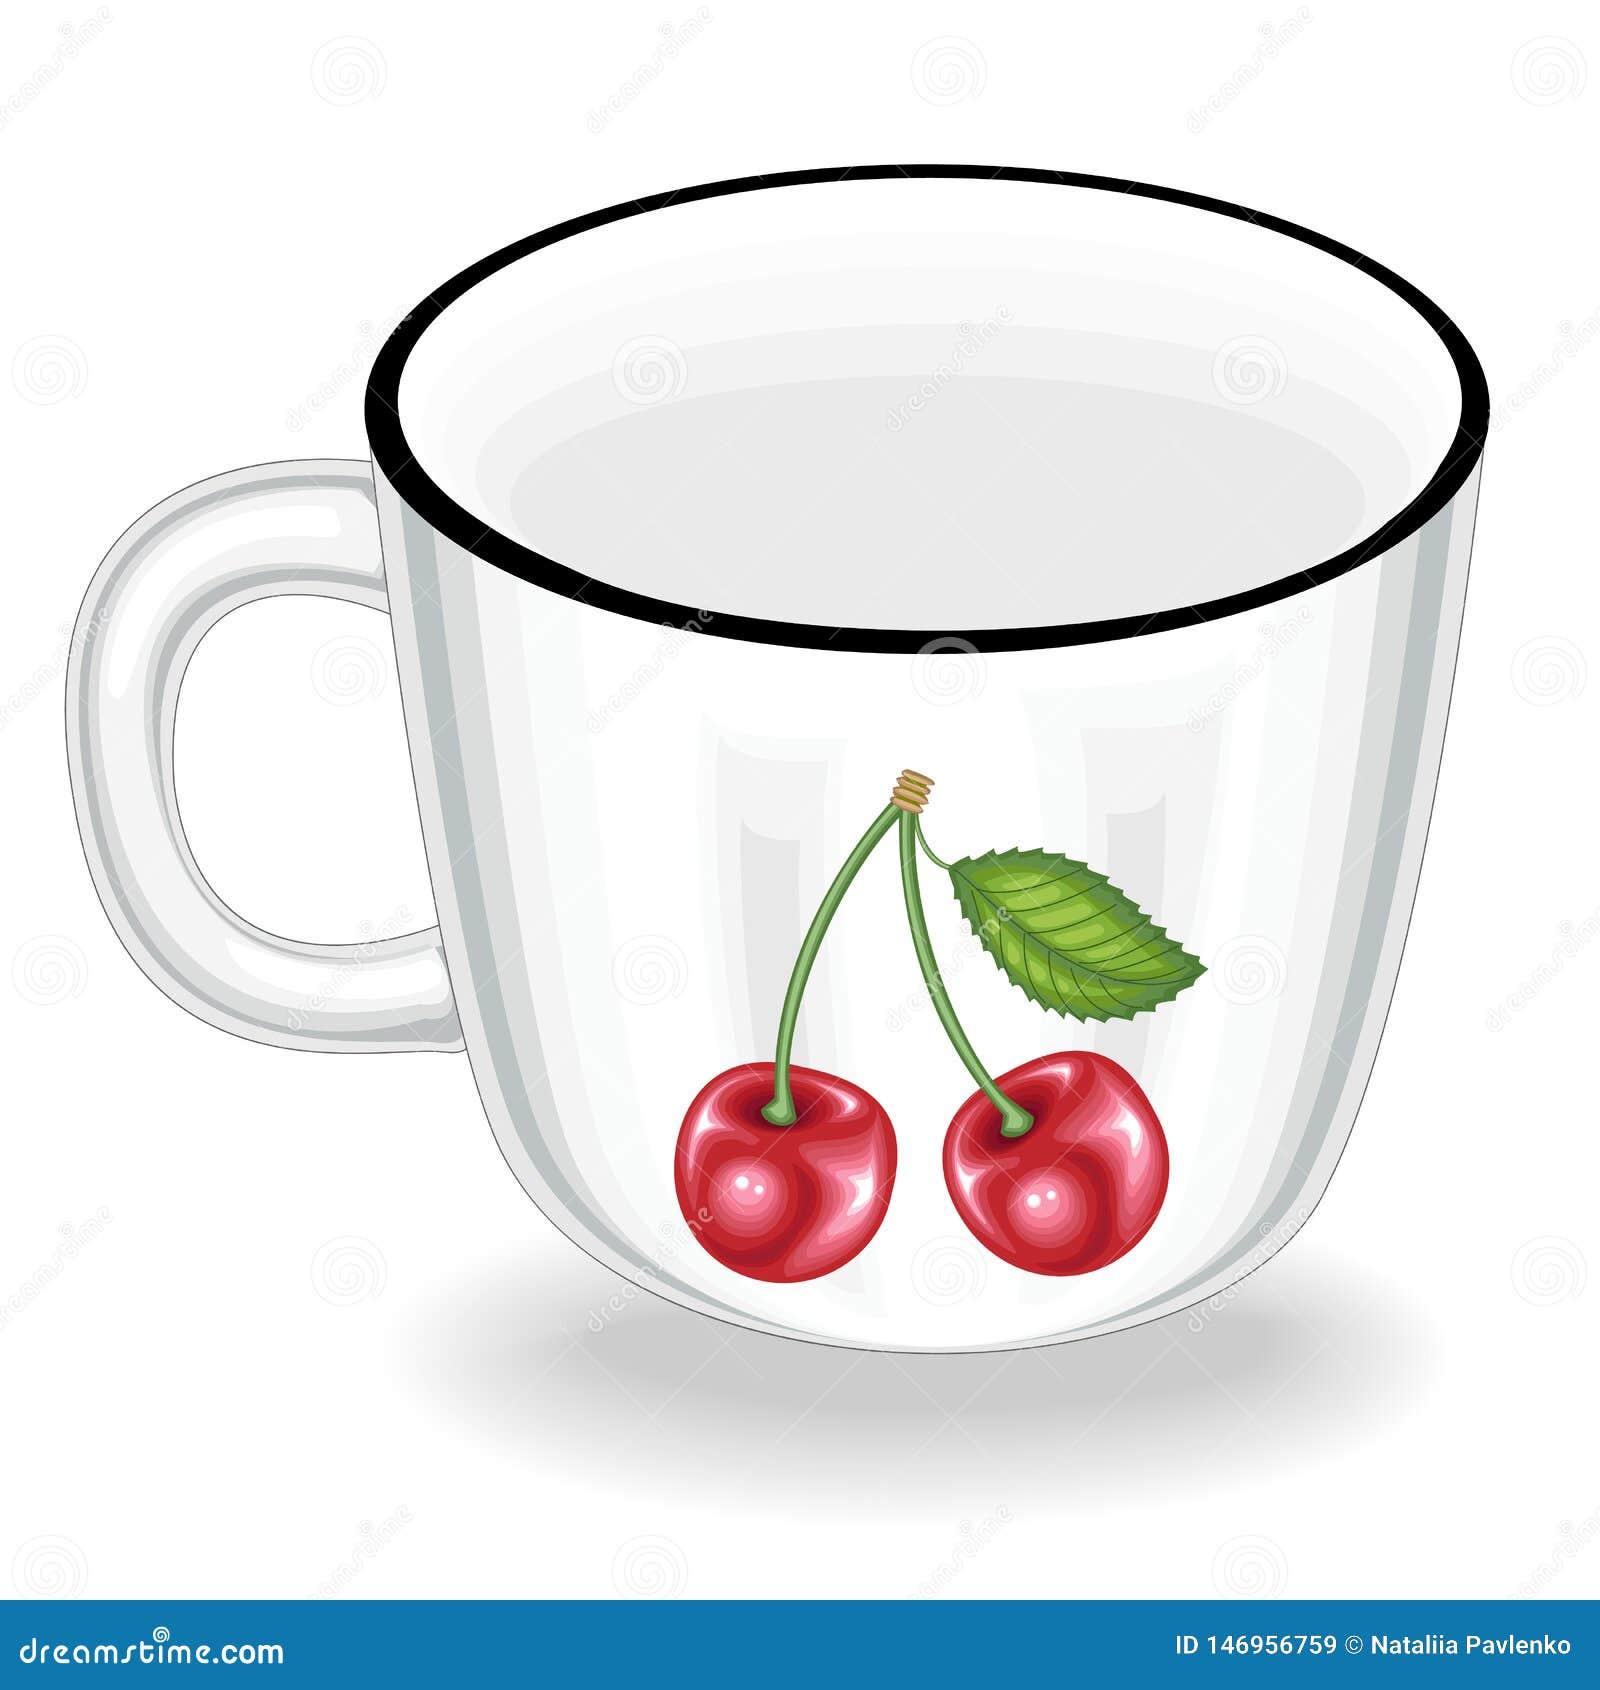 Cookware Una taza es necesaria en la cocina en la cocina De ?l beben el t?, caf?, otras bebidas Ilustraci?n del vector